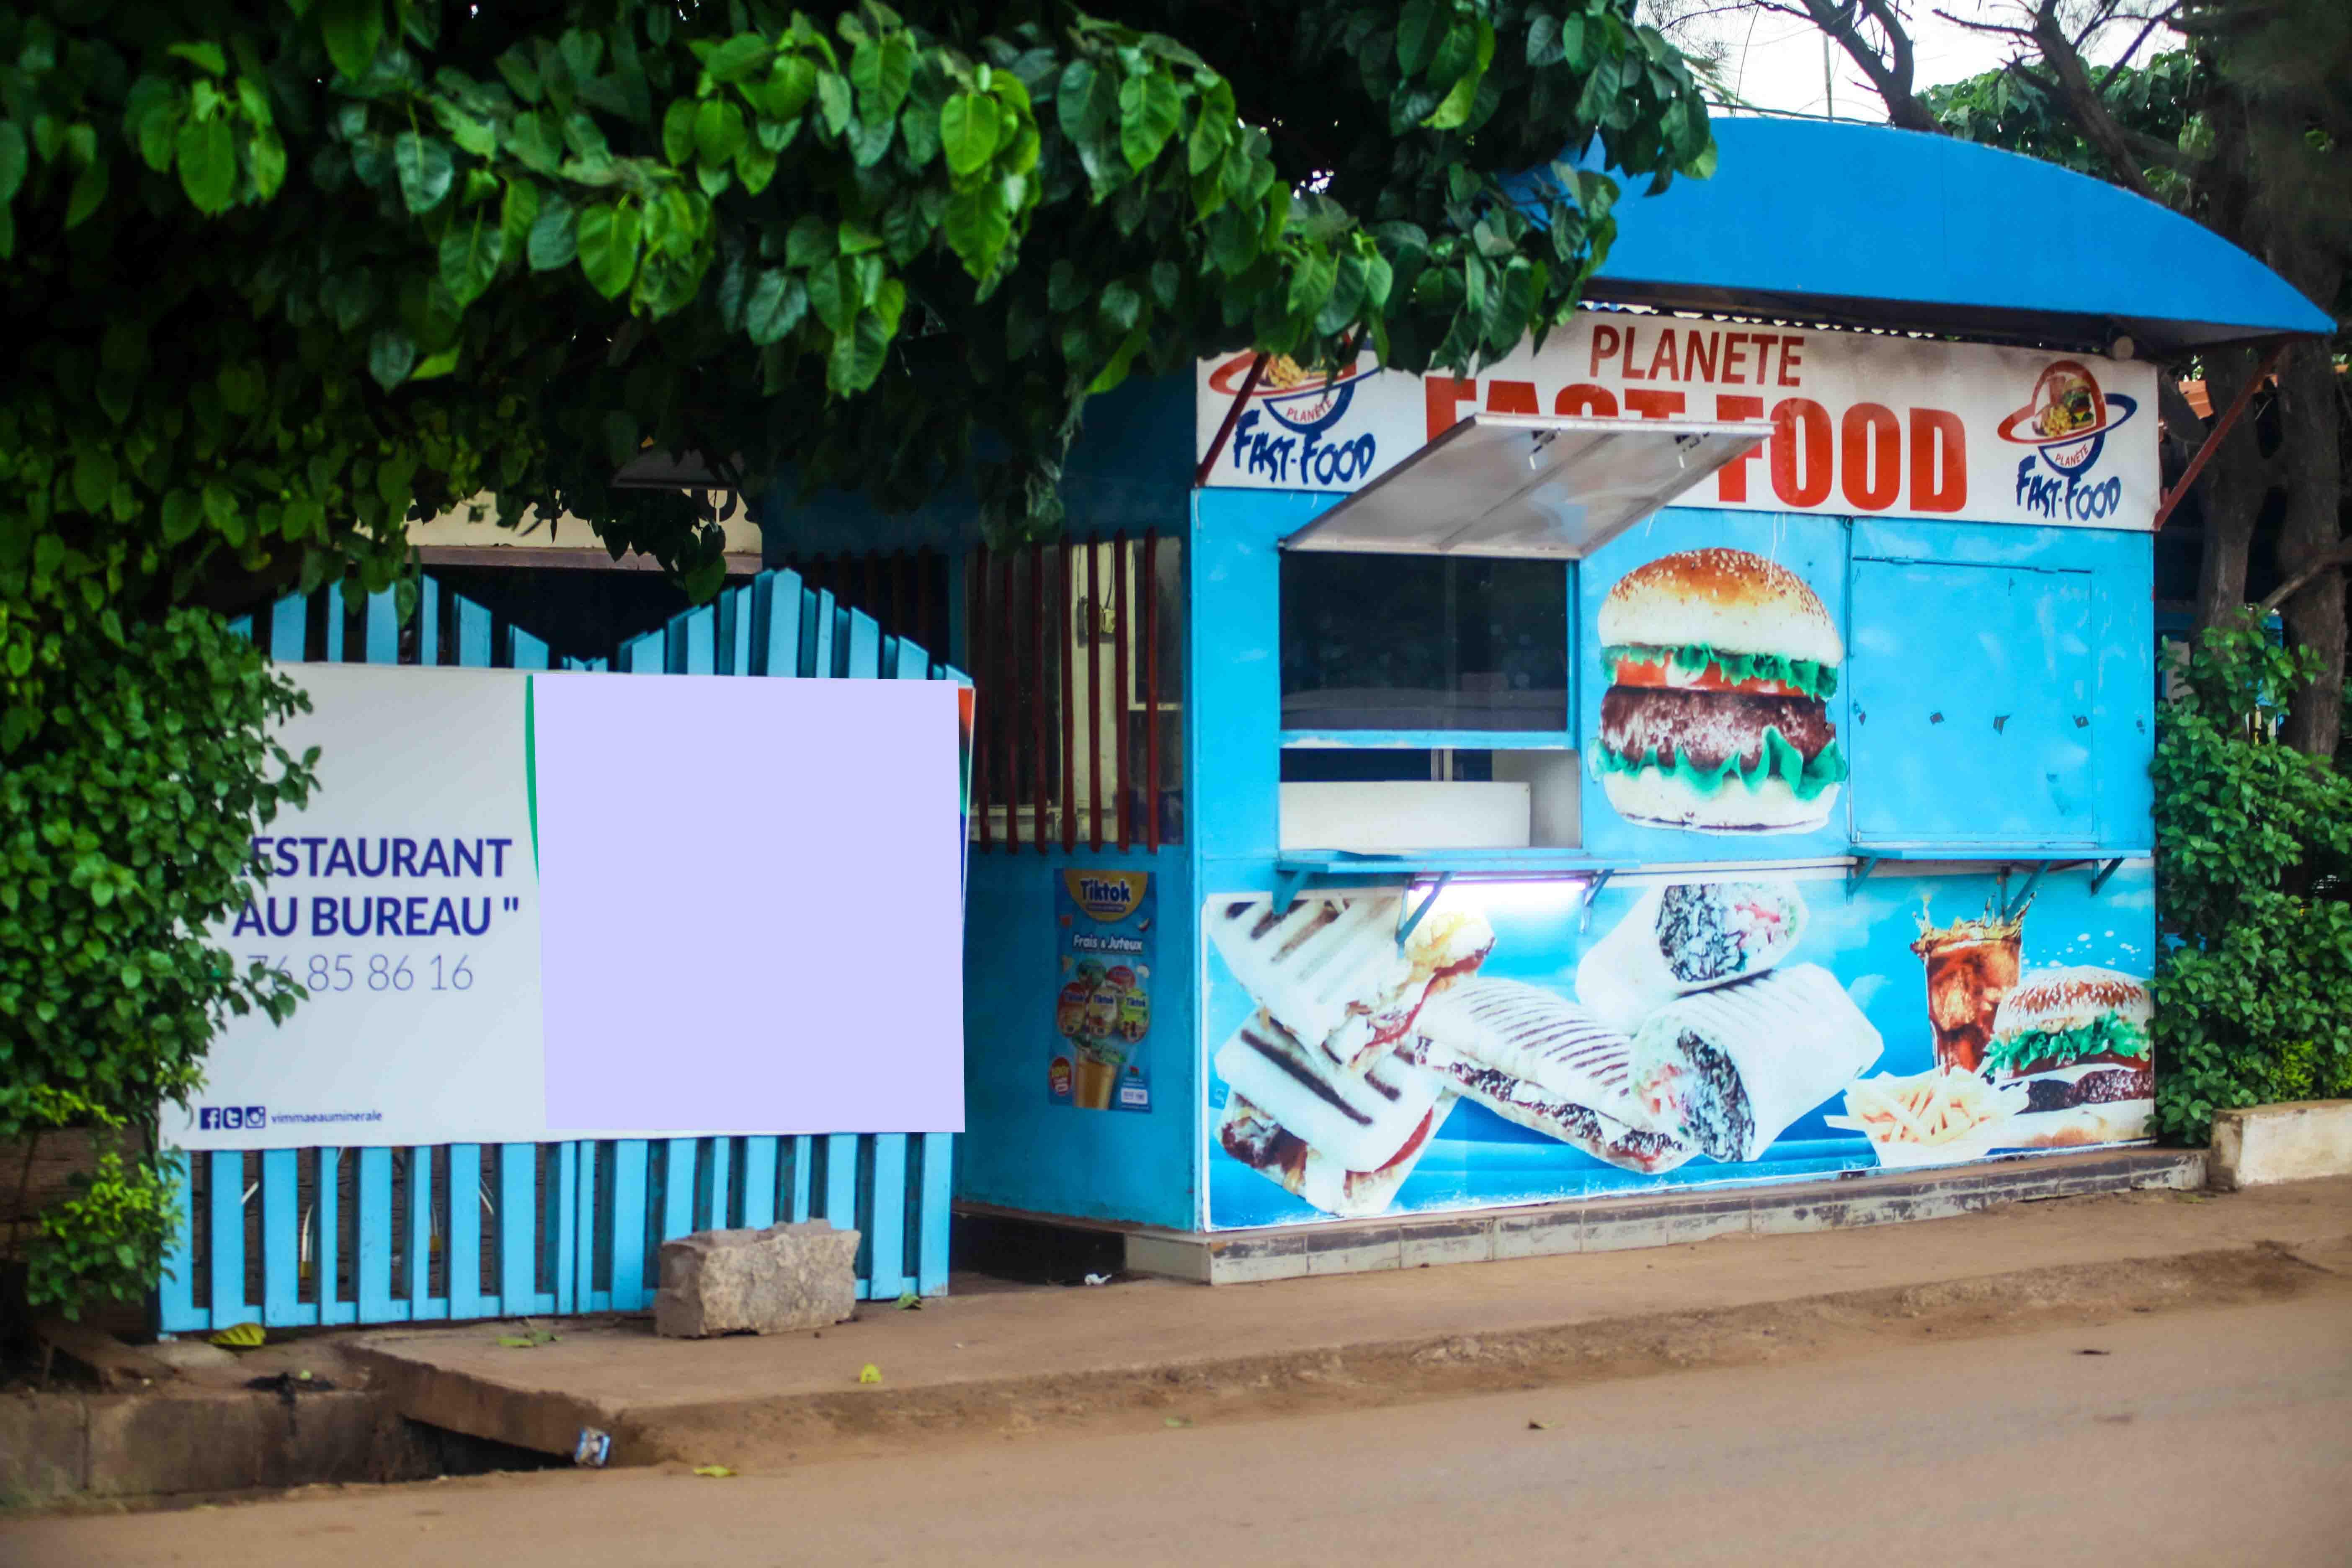 Livraison de repas à domicile  MCSENDER  Cuisine africaine à